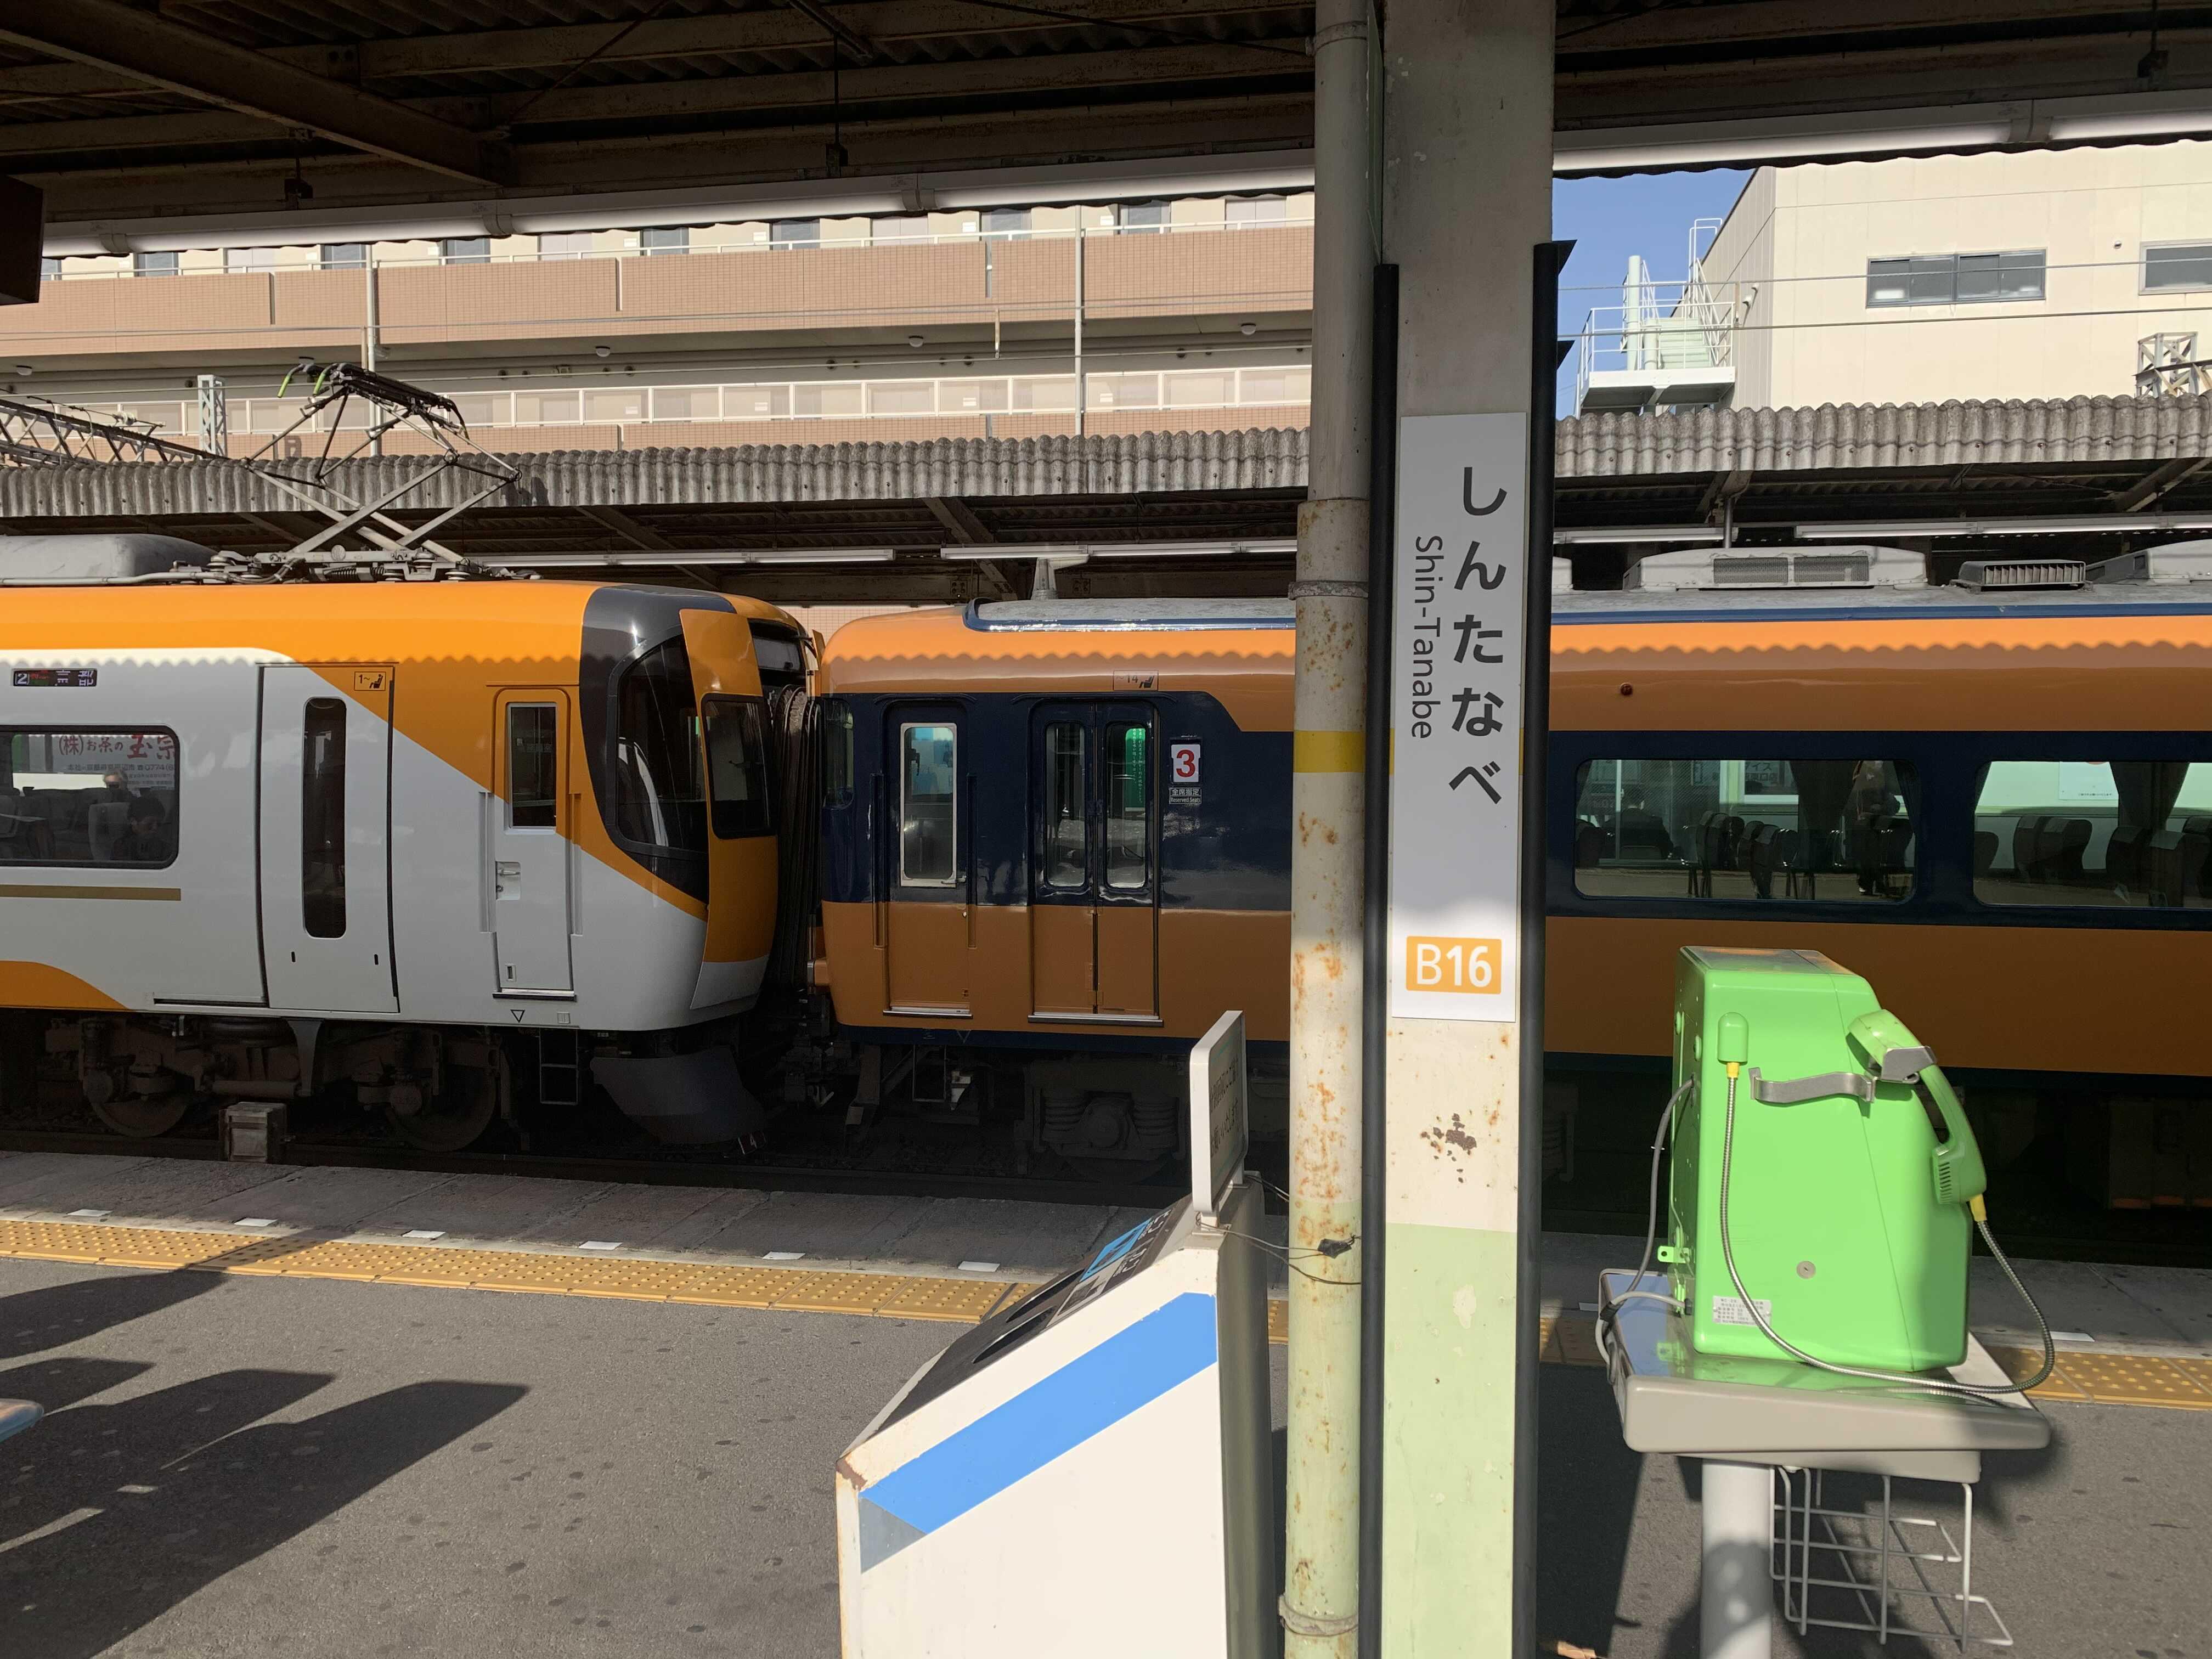 近鉄京都線の竹田駅付近の人身事故で電車が止まっている画像